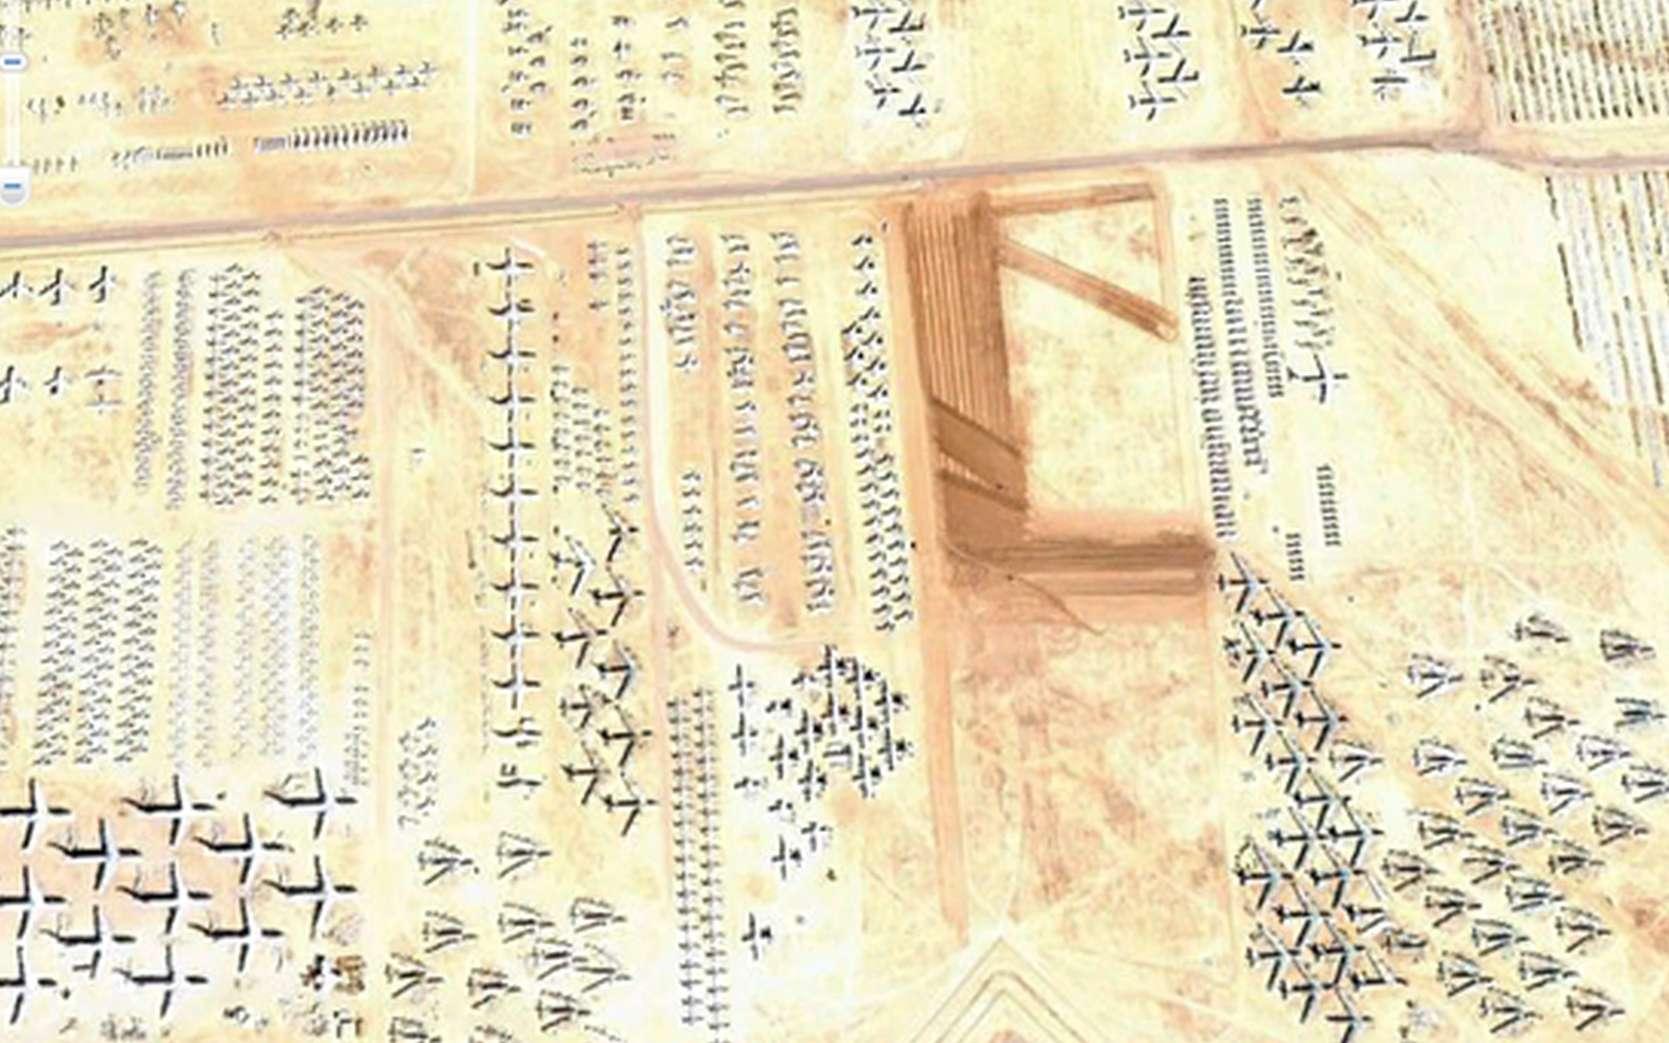 Des hiéroglyphes ? Non, le cimetière pour avions militaires de l'U.S. Air Force à Tucson, Arizona. © Google Earth